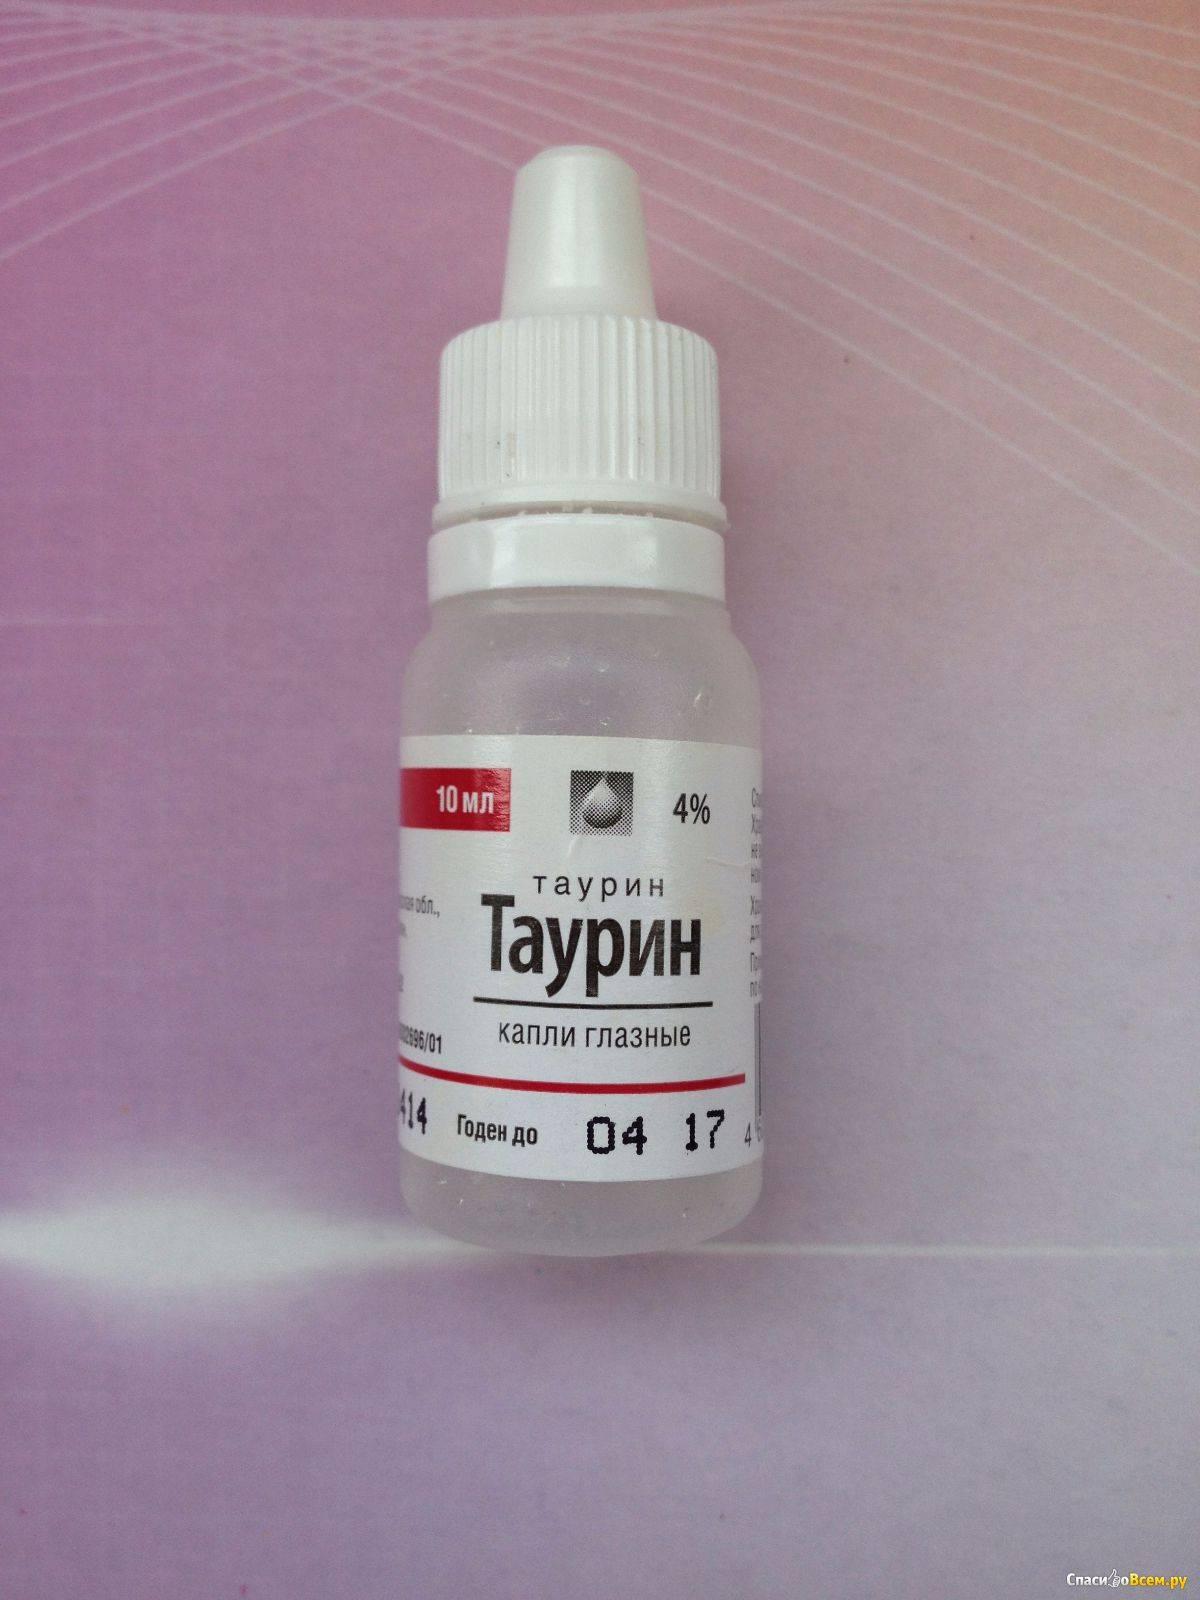 Таурин— глазные капли: инструкция поприменению, отзывы, цены ианалоги